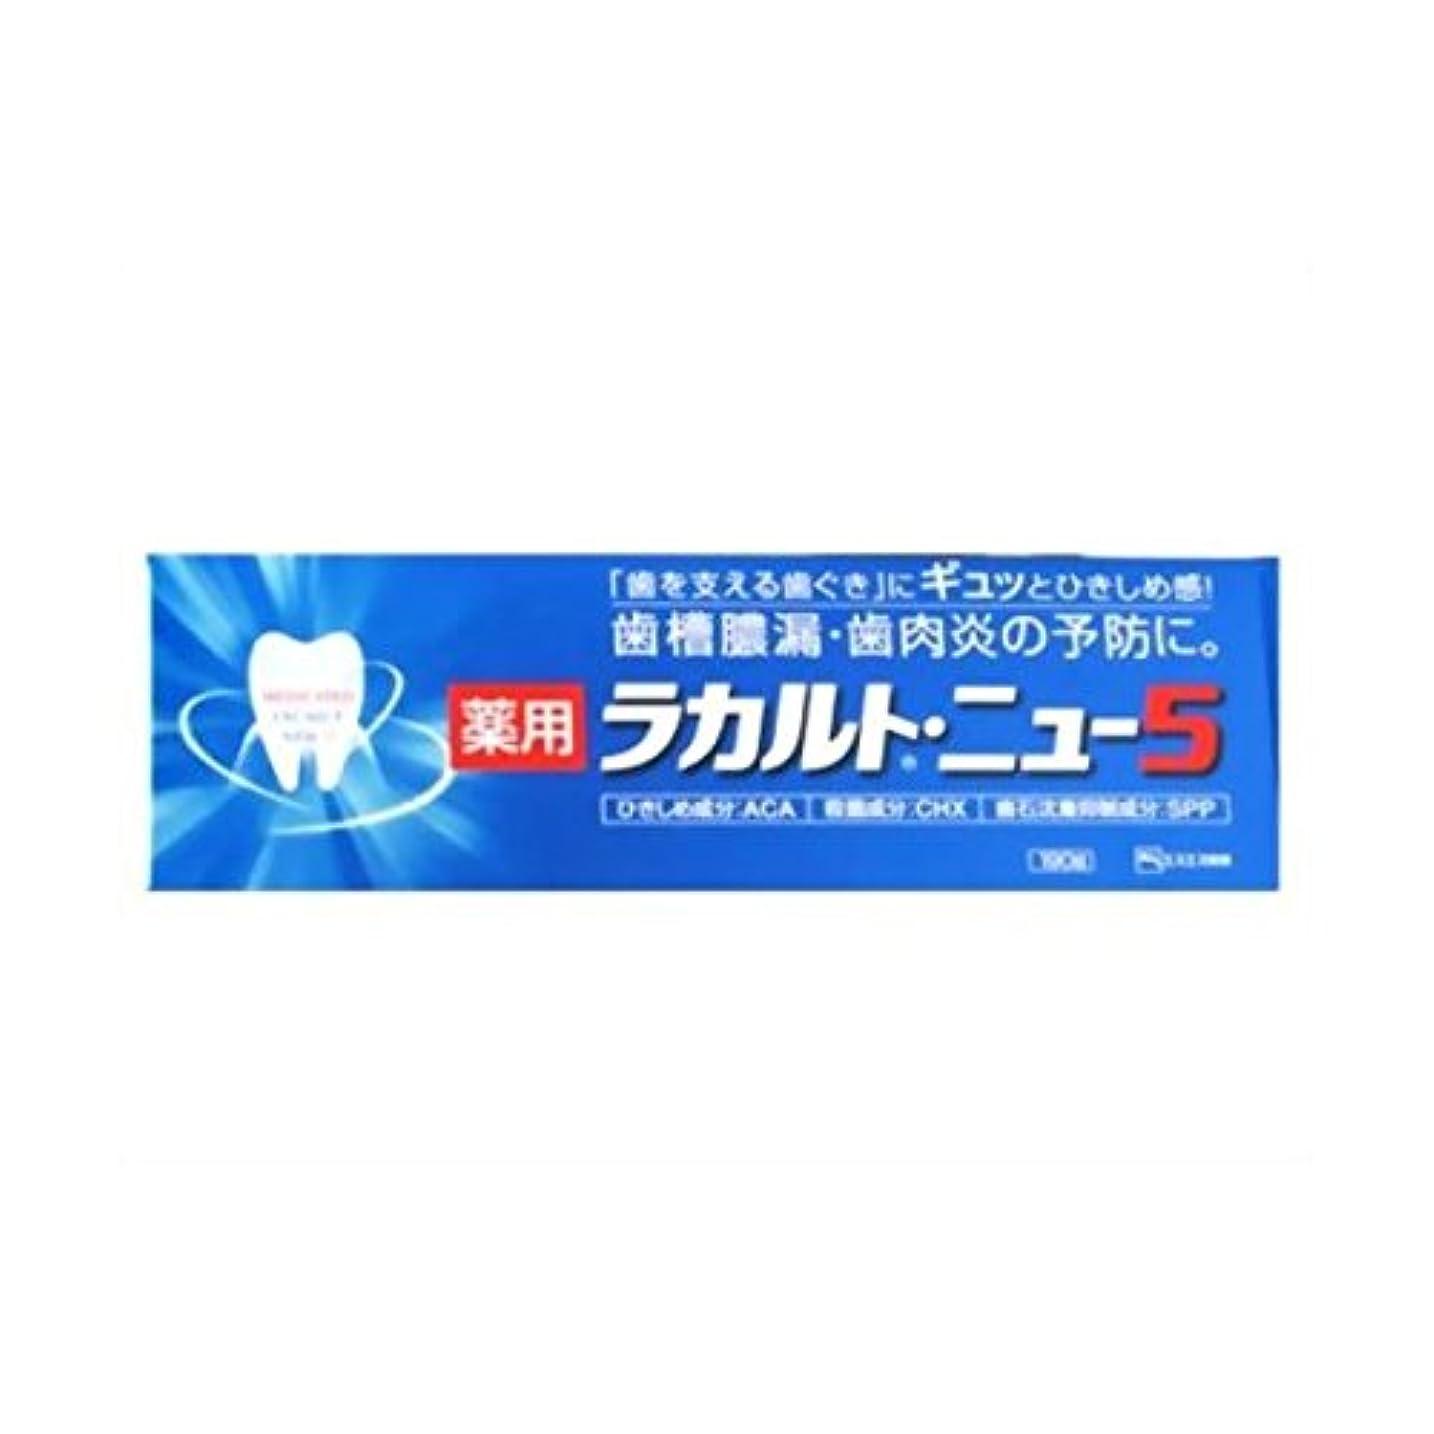 【お徳用 3 セット】 薬用ラカルトニュー5 190g×3セット